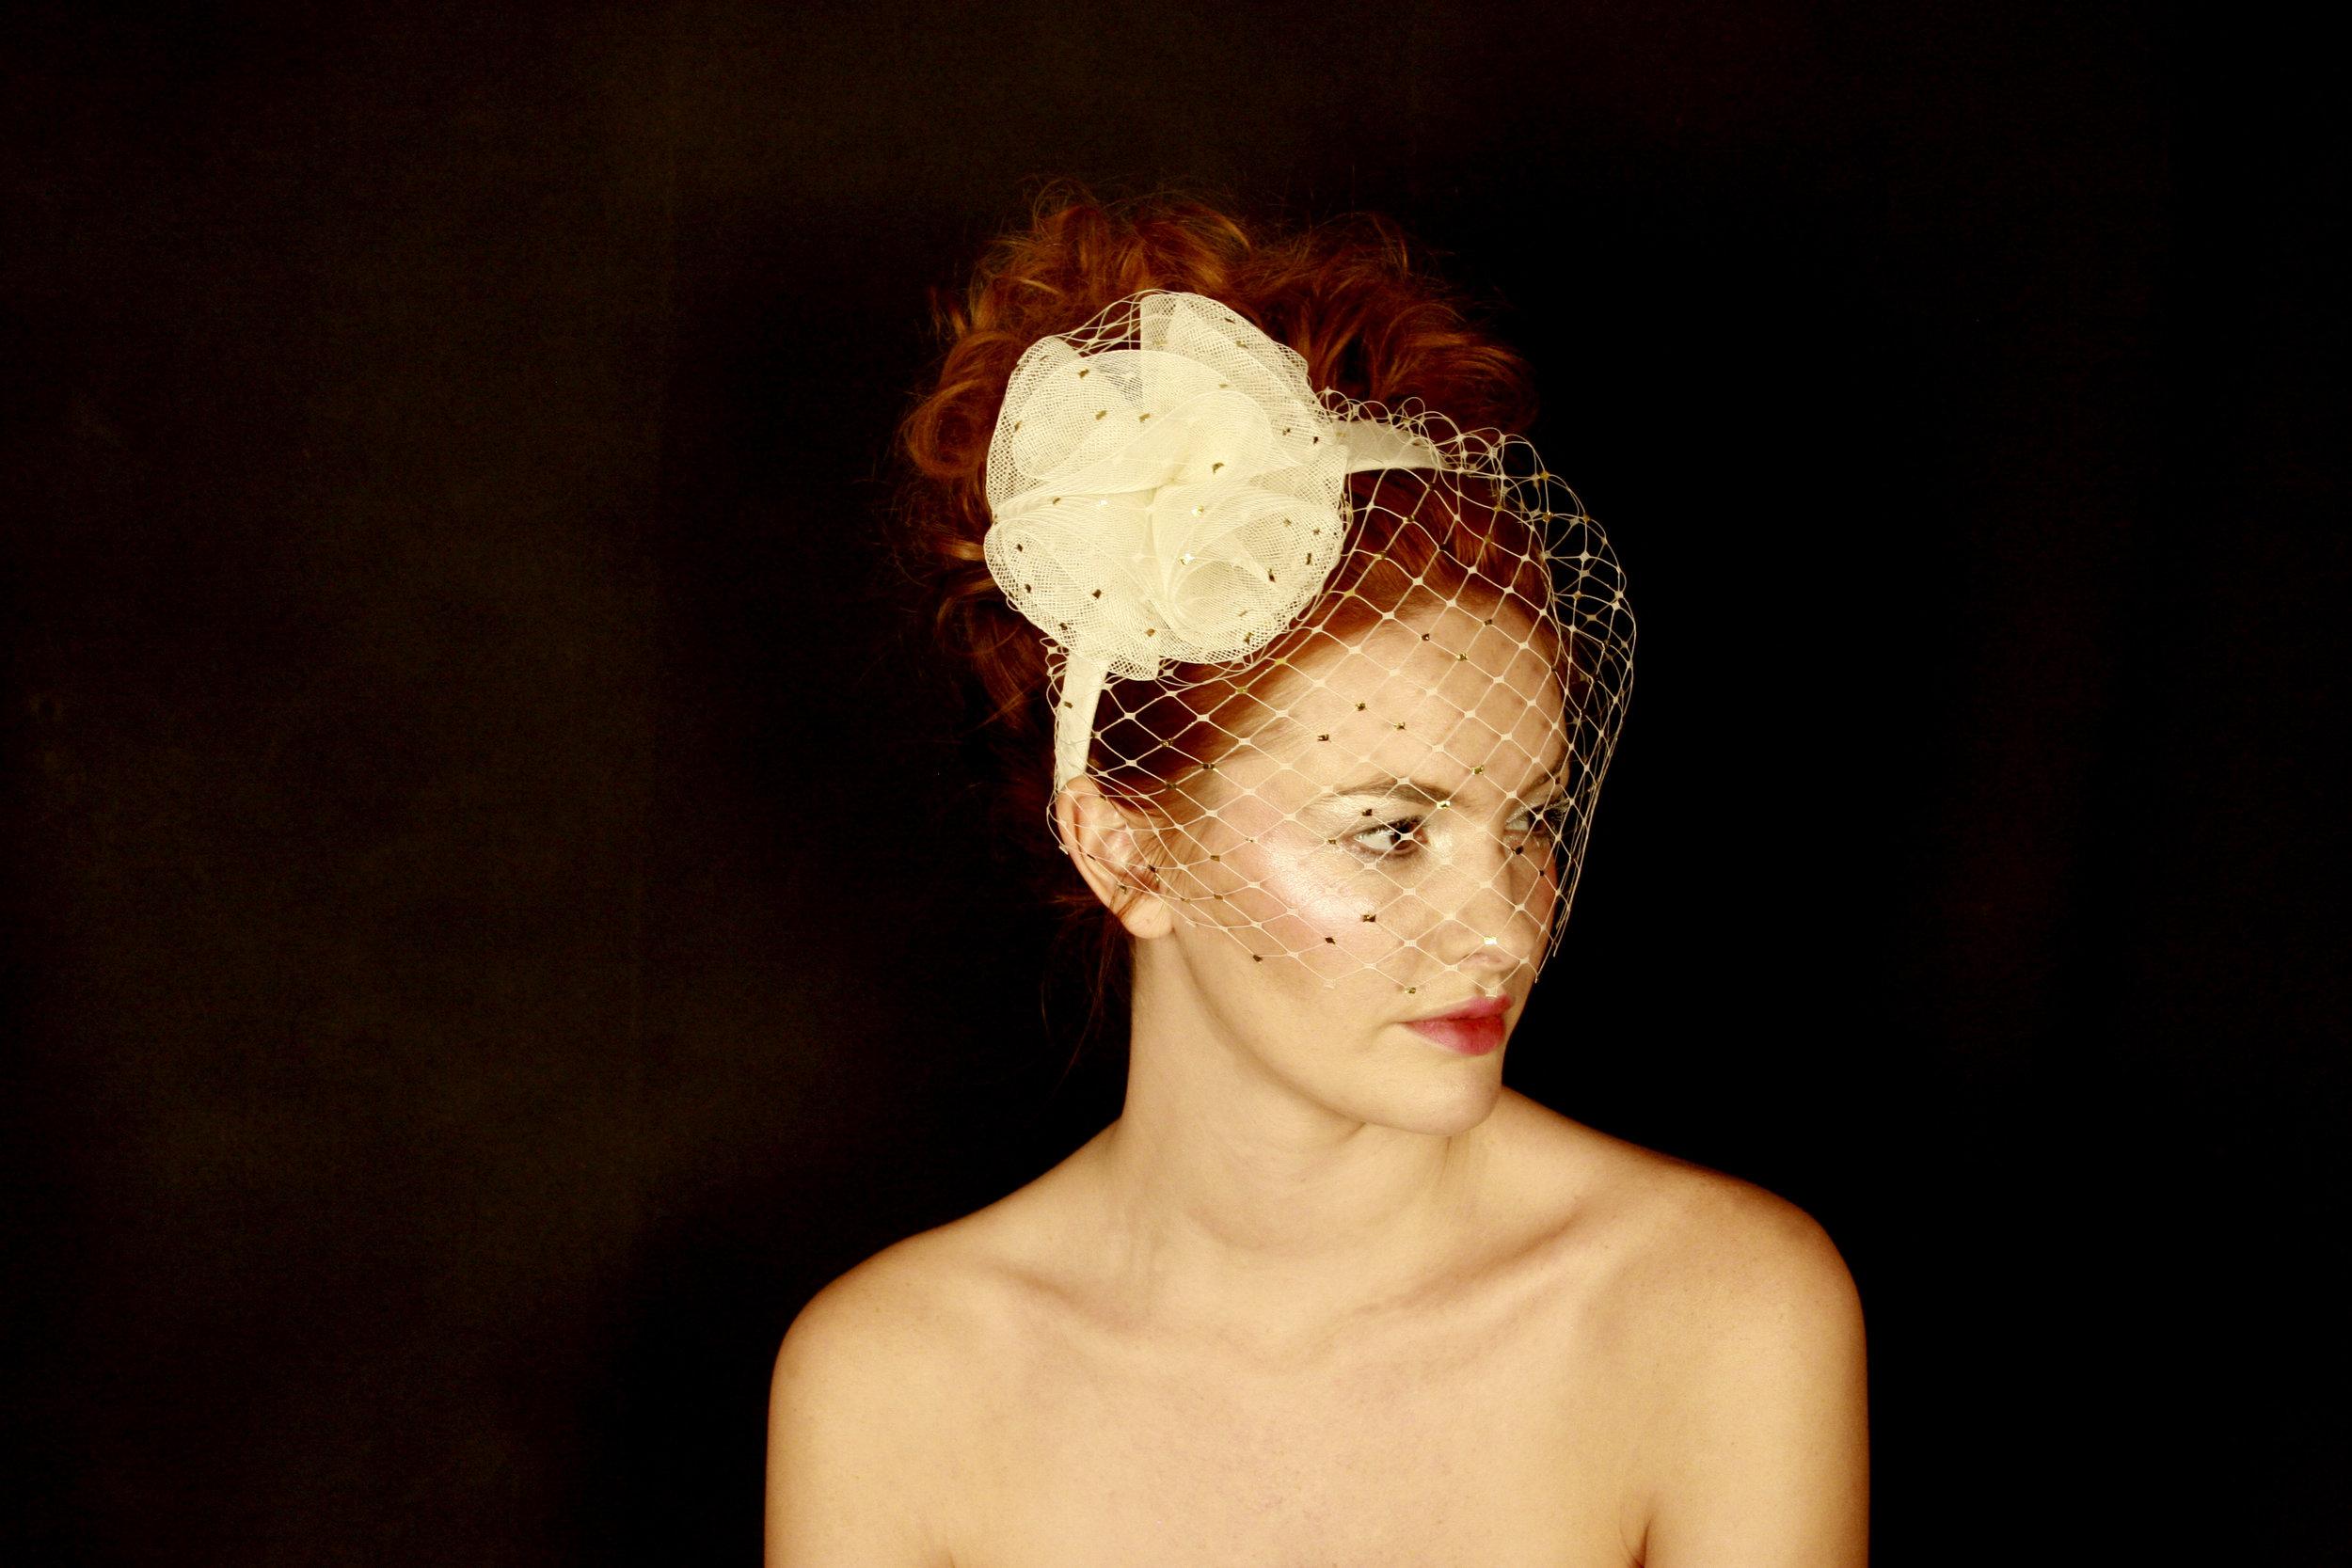 Venus veiling headband